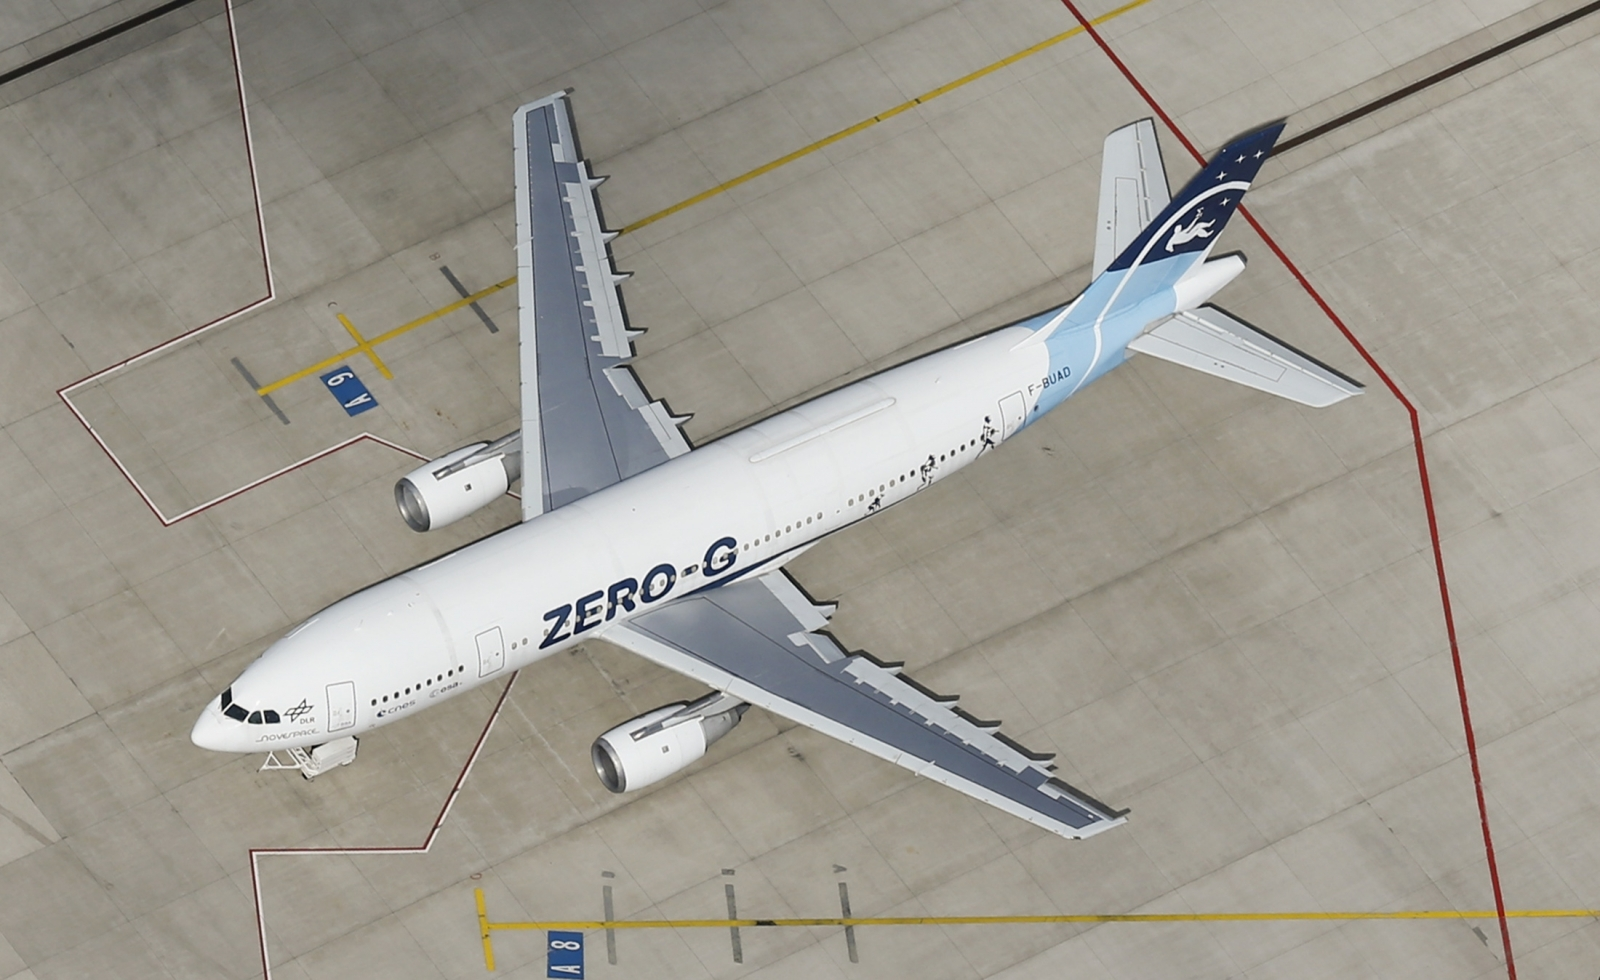 Zero G aircraft